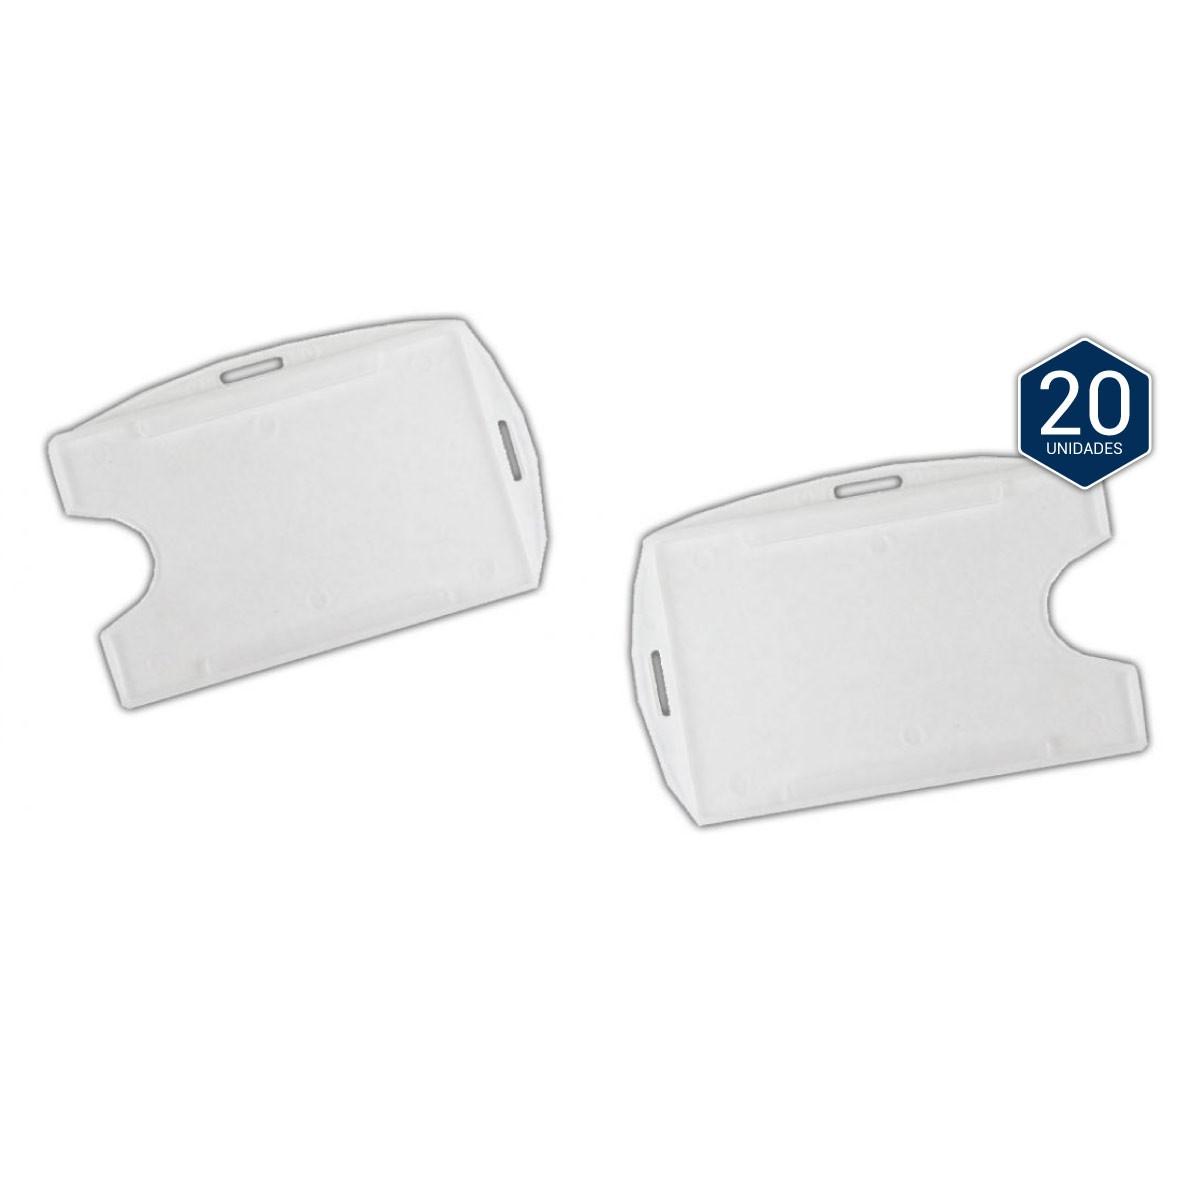 Protetor Plástico para Crachá c/ 20 Unidades